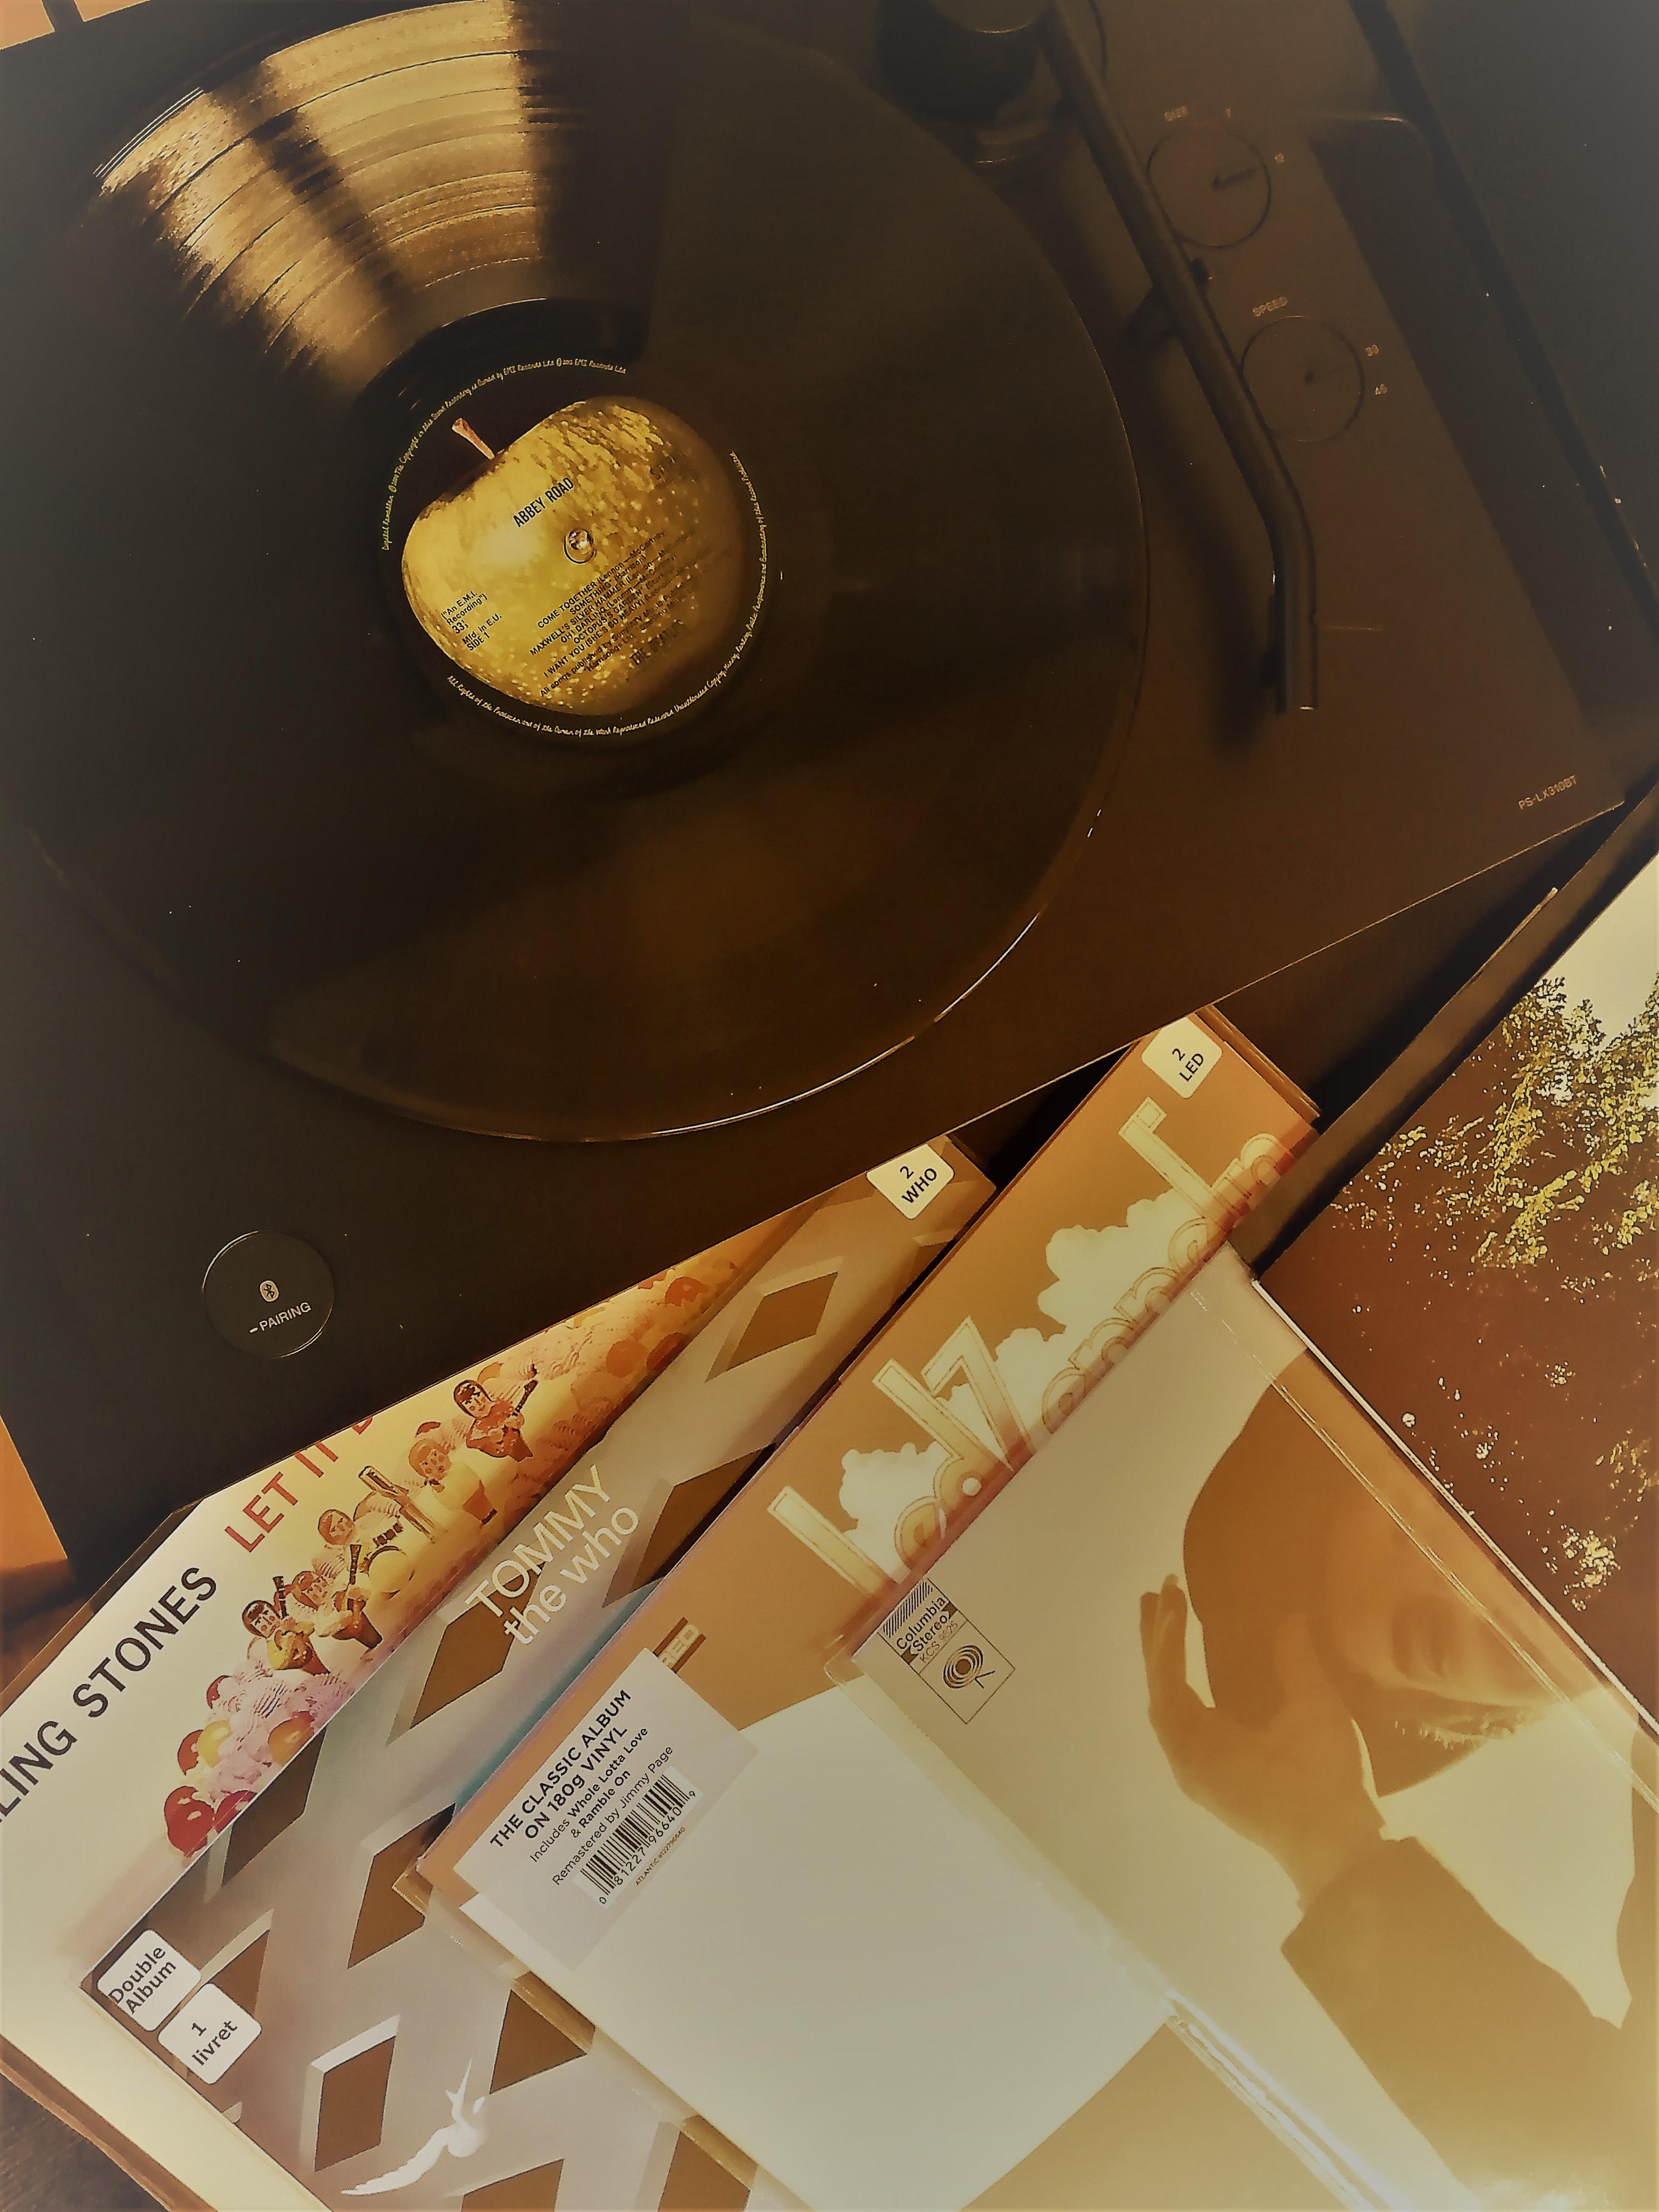 Rencontre autour d'une platine vinyle